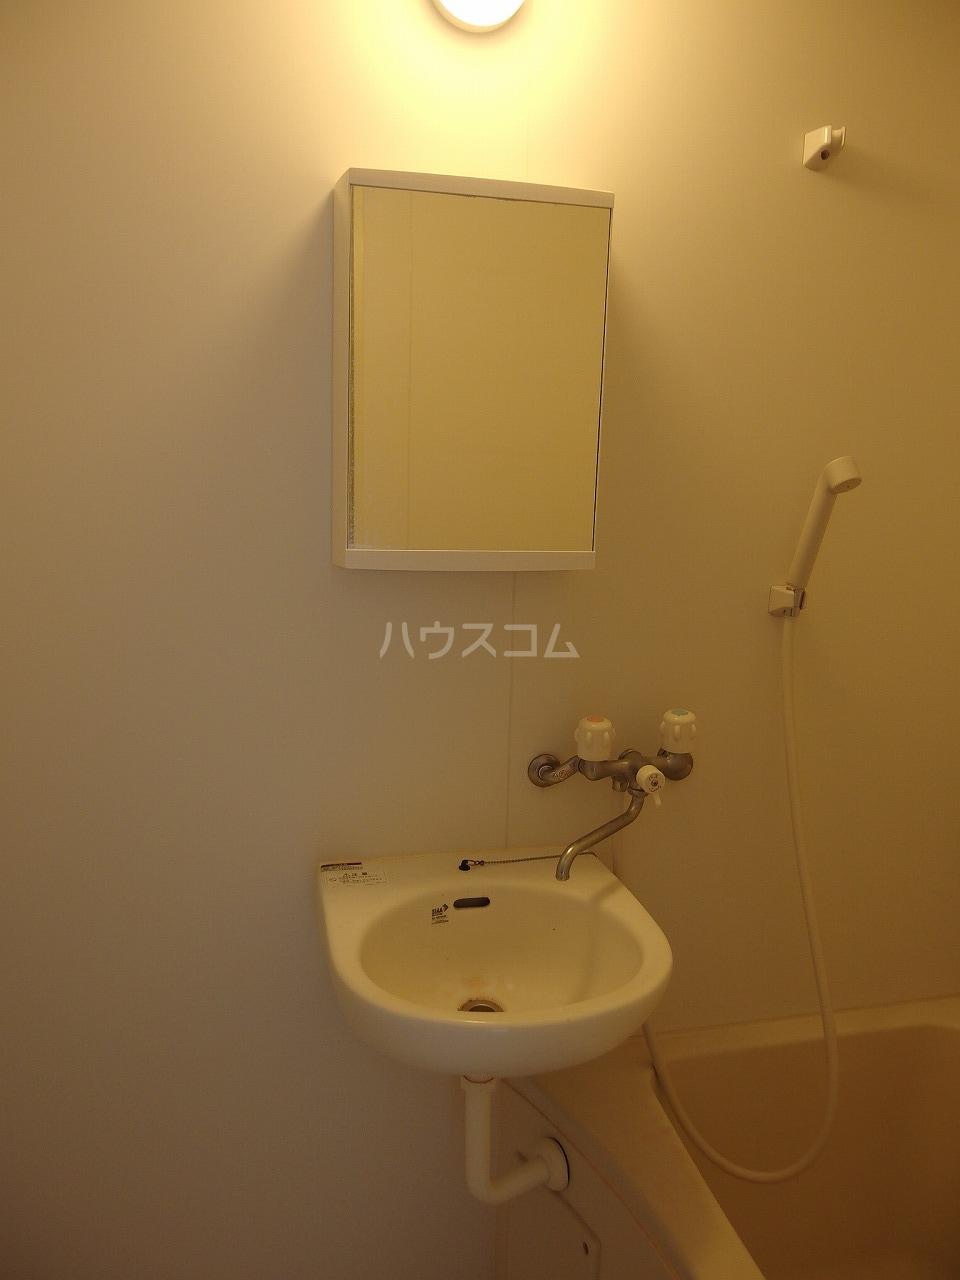 第1白王荘 102号室の洗面所